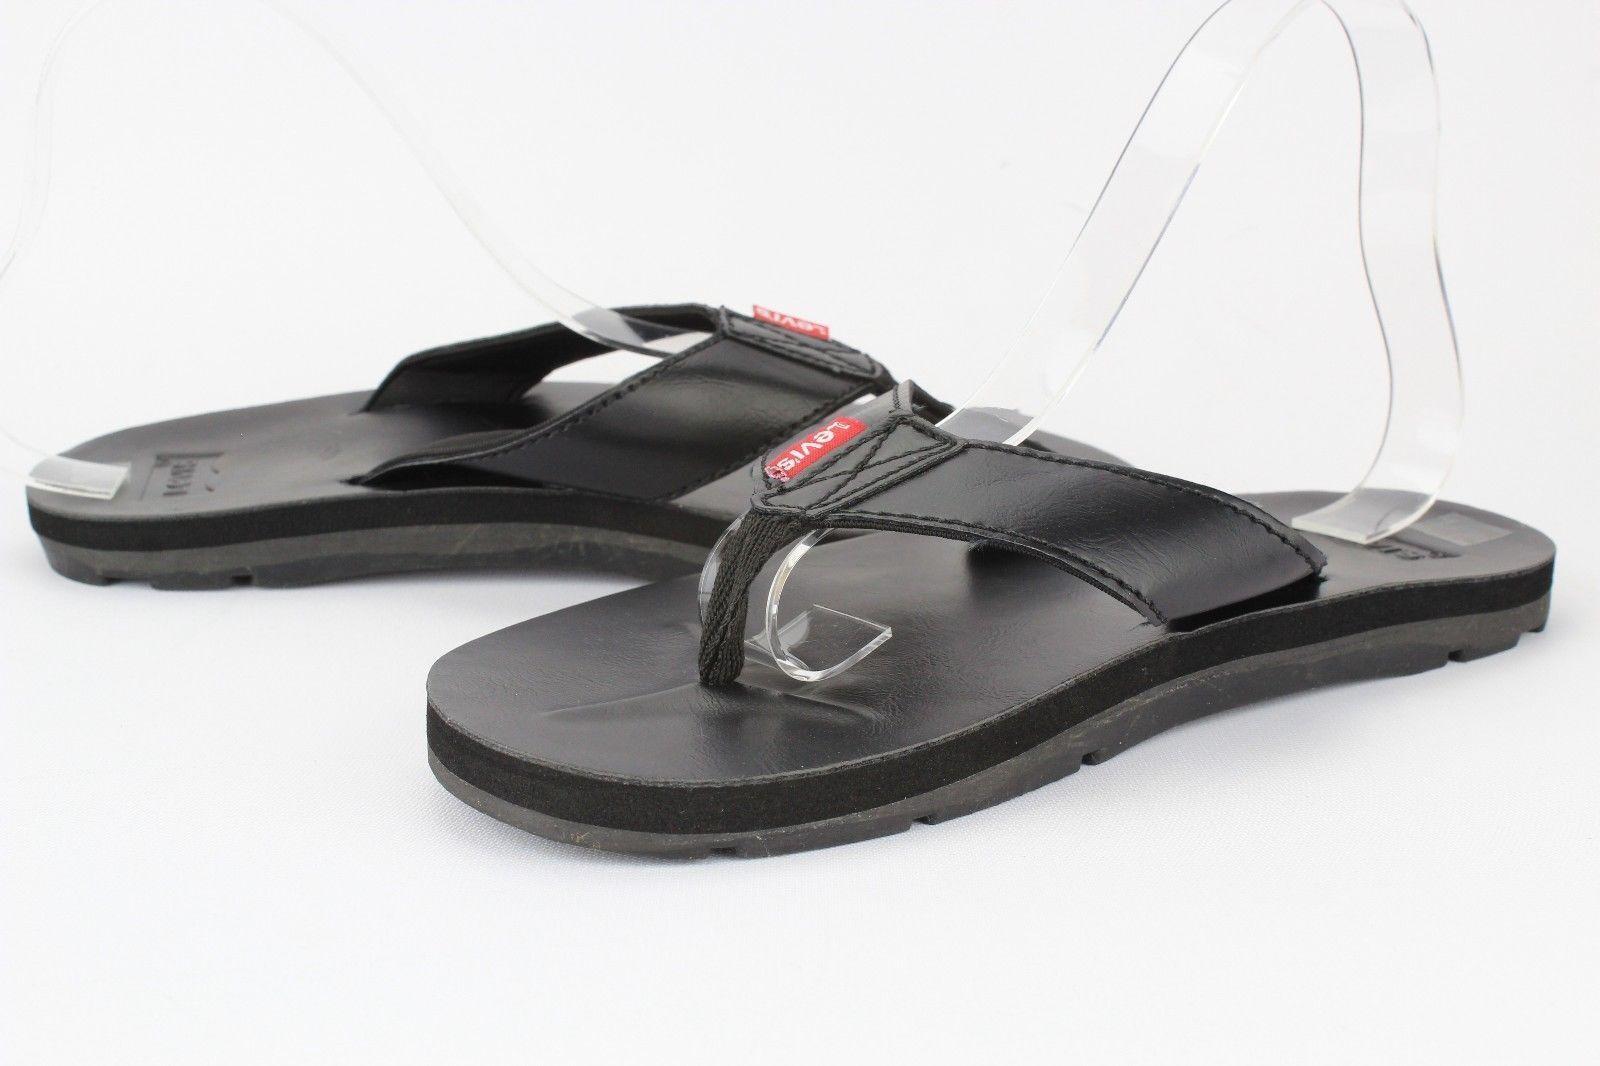 8ce37f0f0623 Men Levis Heartland Heartland Heartland Mix J2 Black Casual Sandal Fit Flop  Thong New Original a075a7